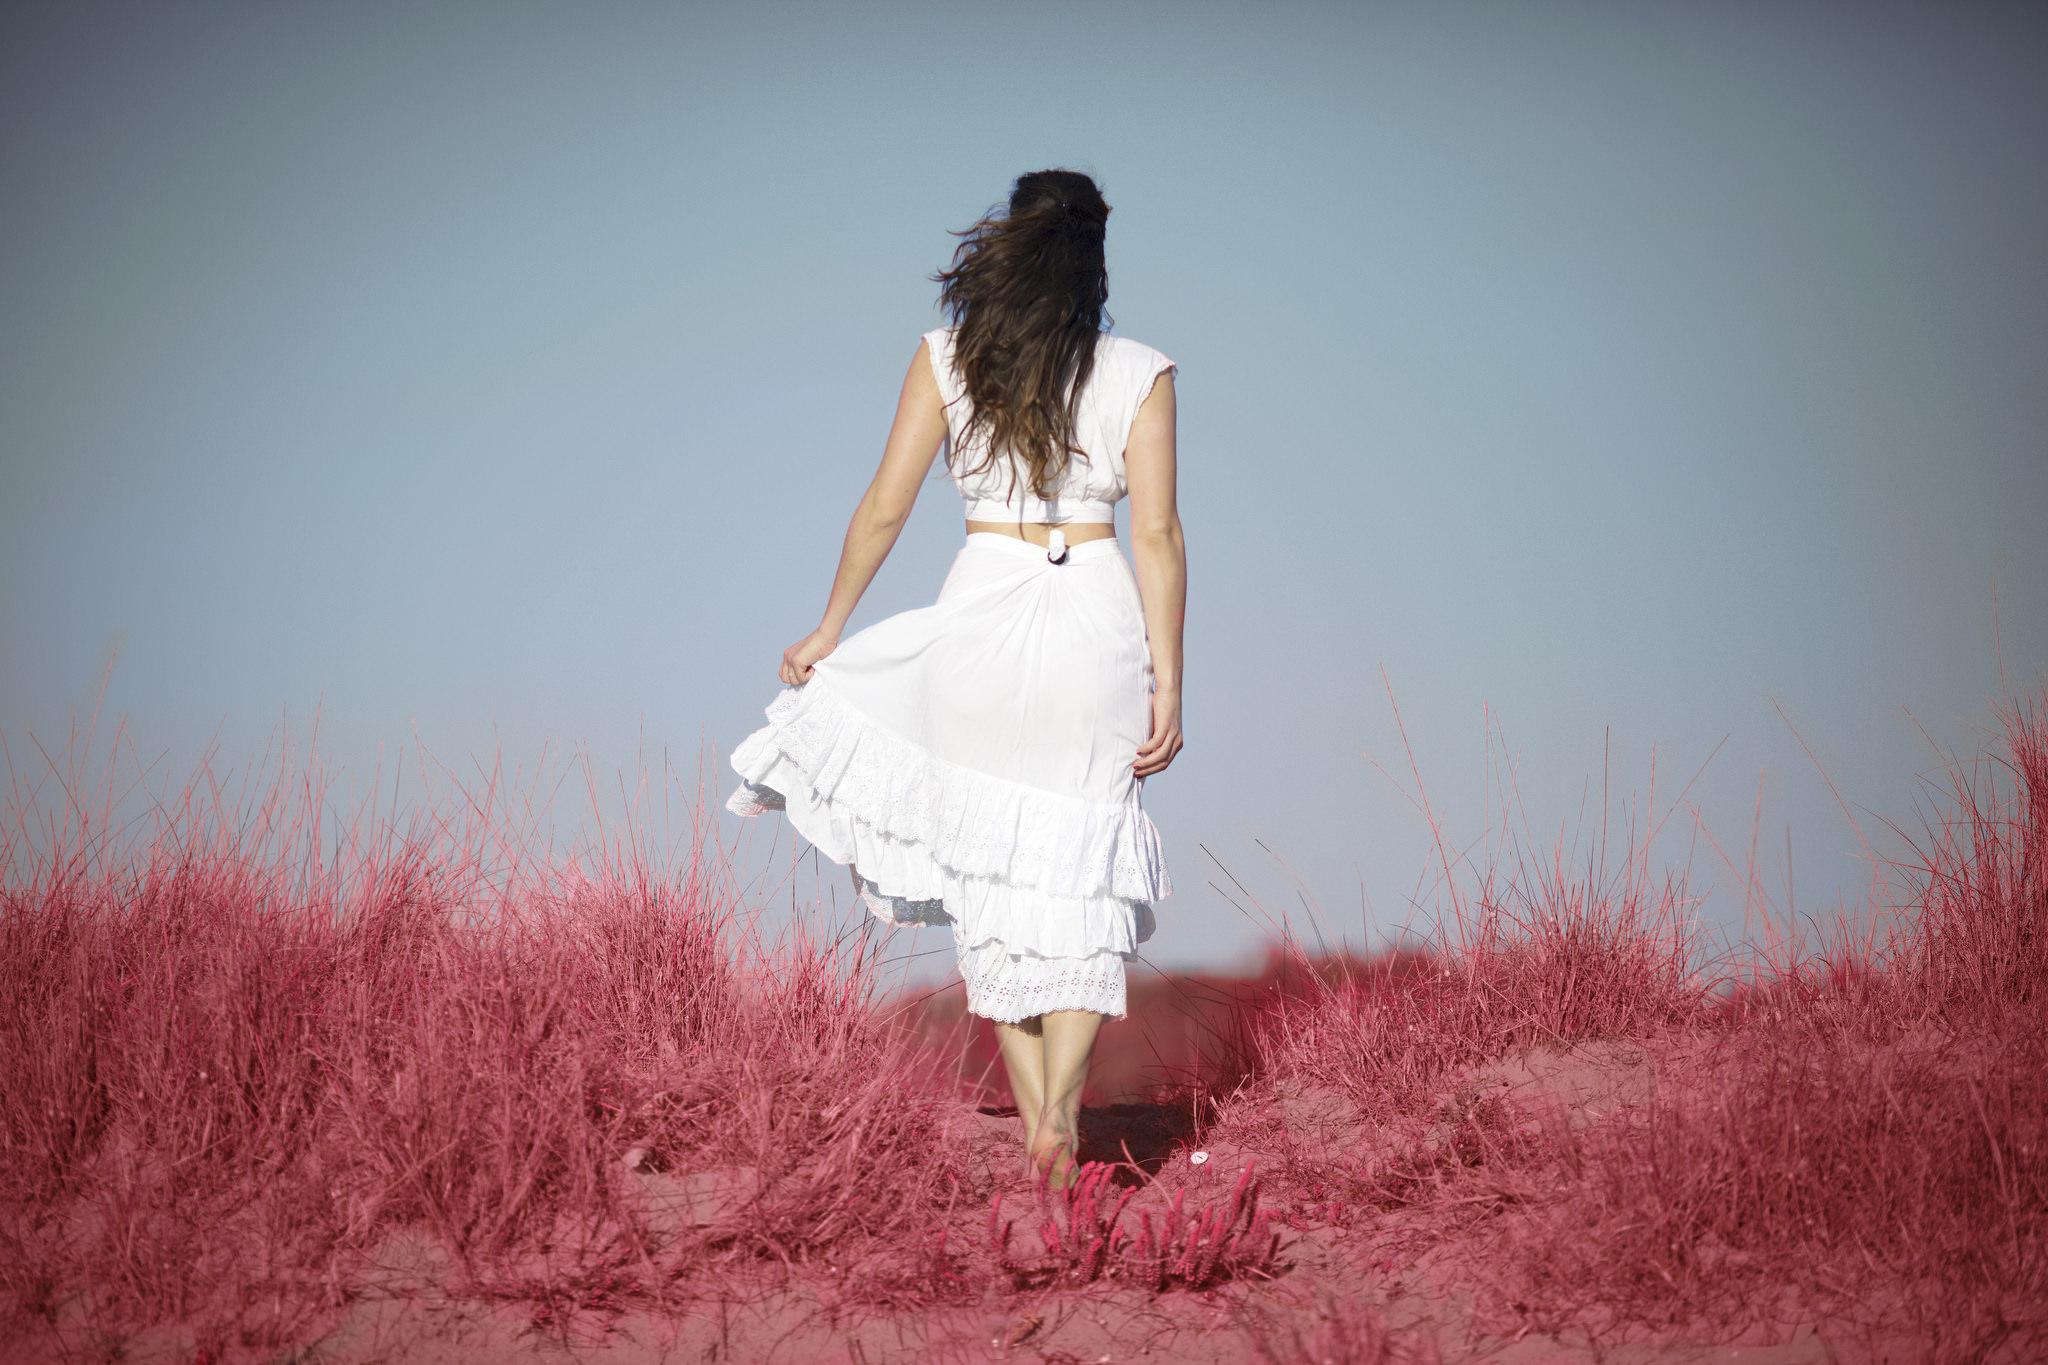 Una chica de espaldas - 2048x1365